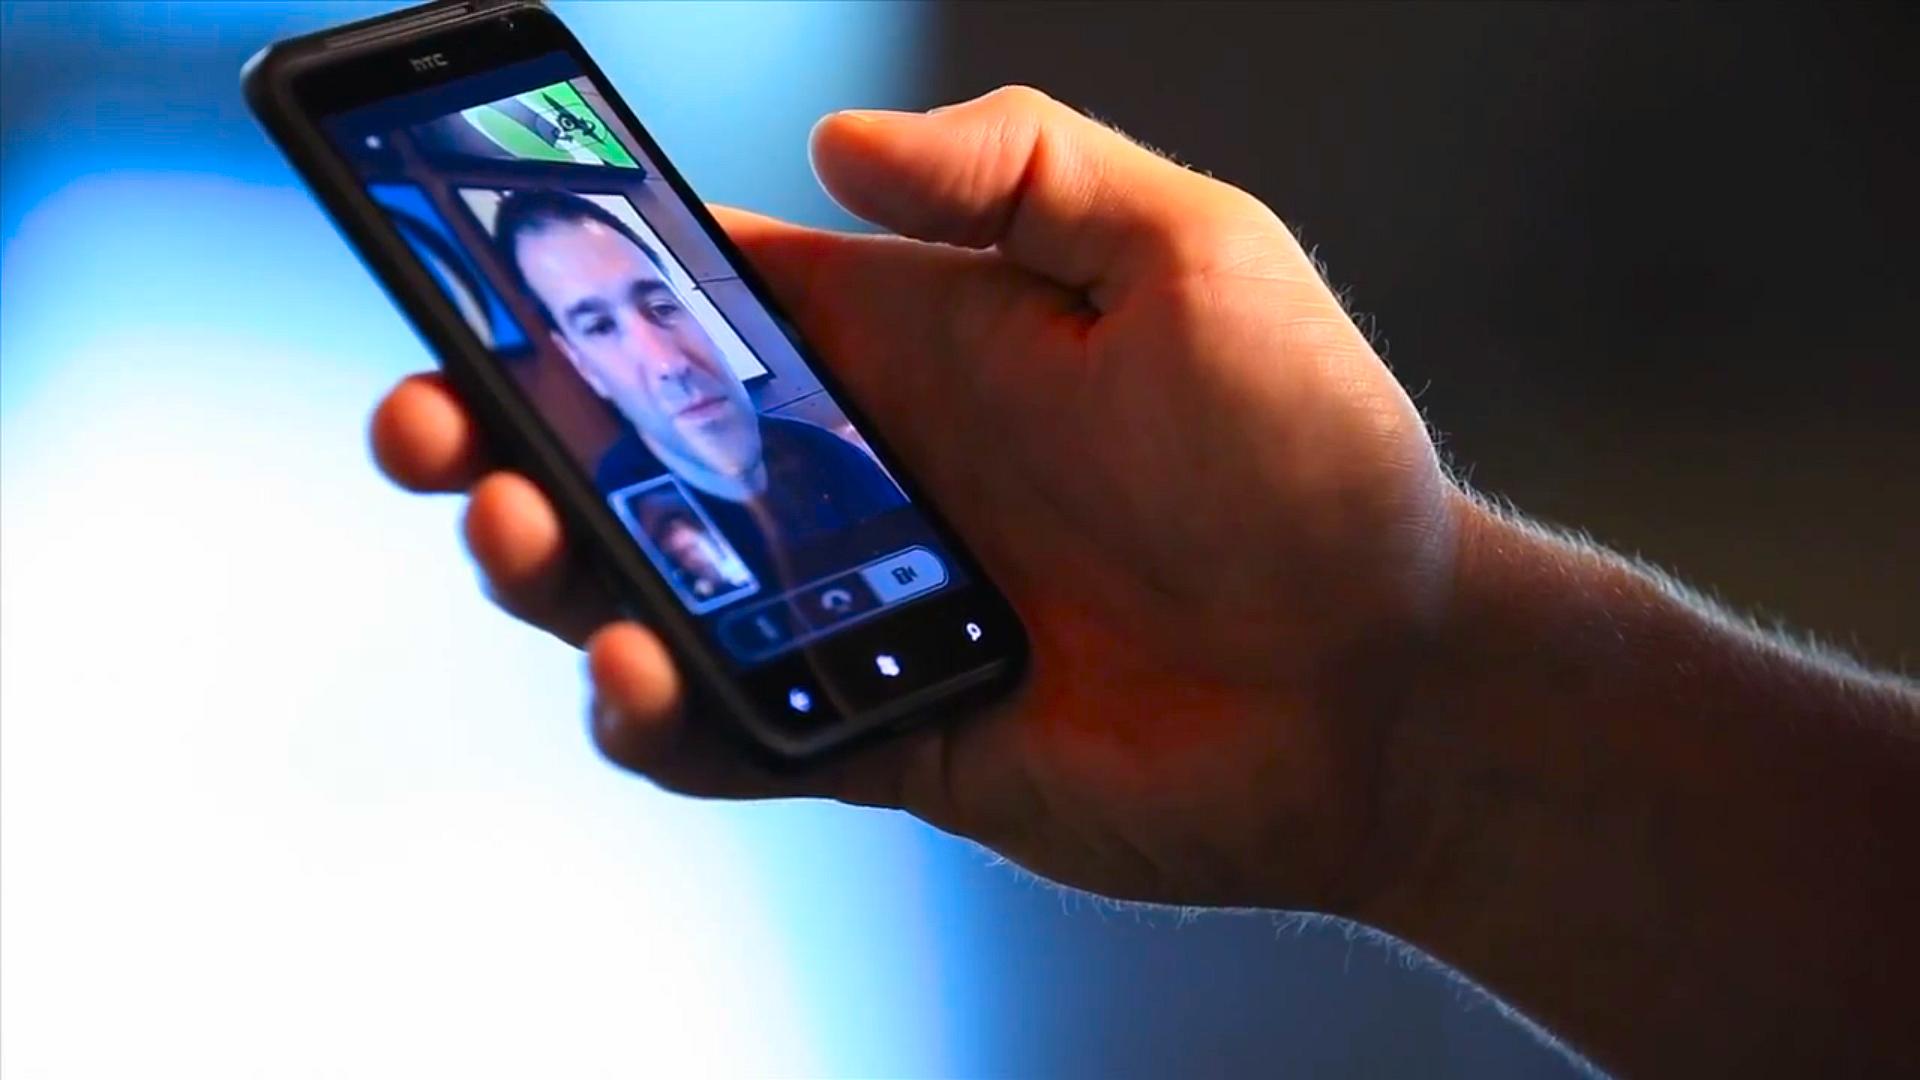 Windows Phone Tango soportaría hasta 256 MB